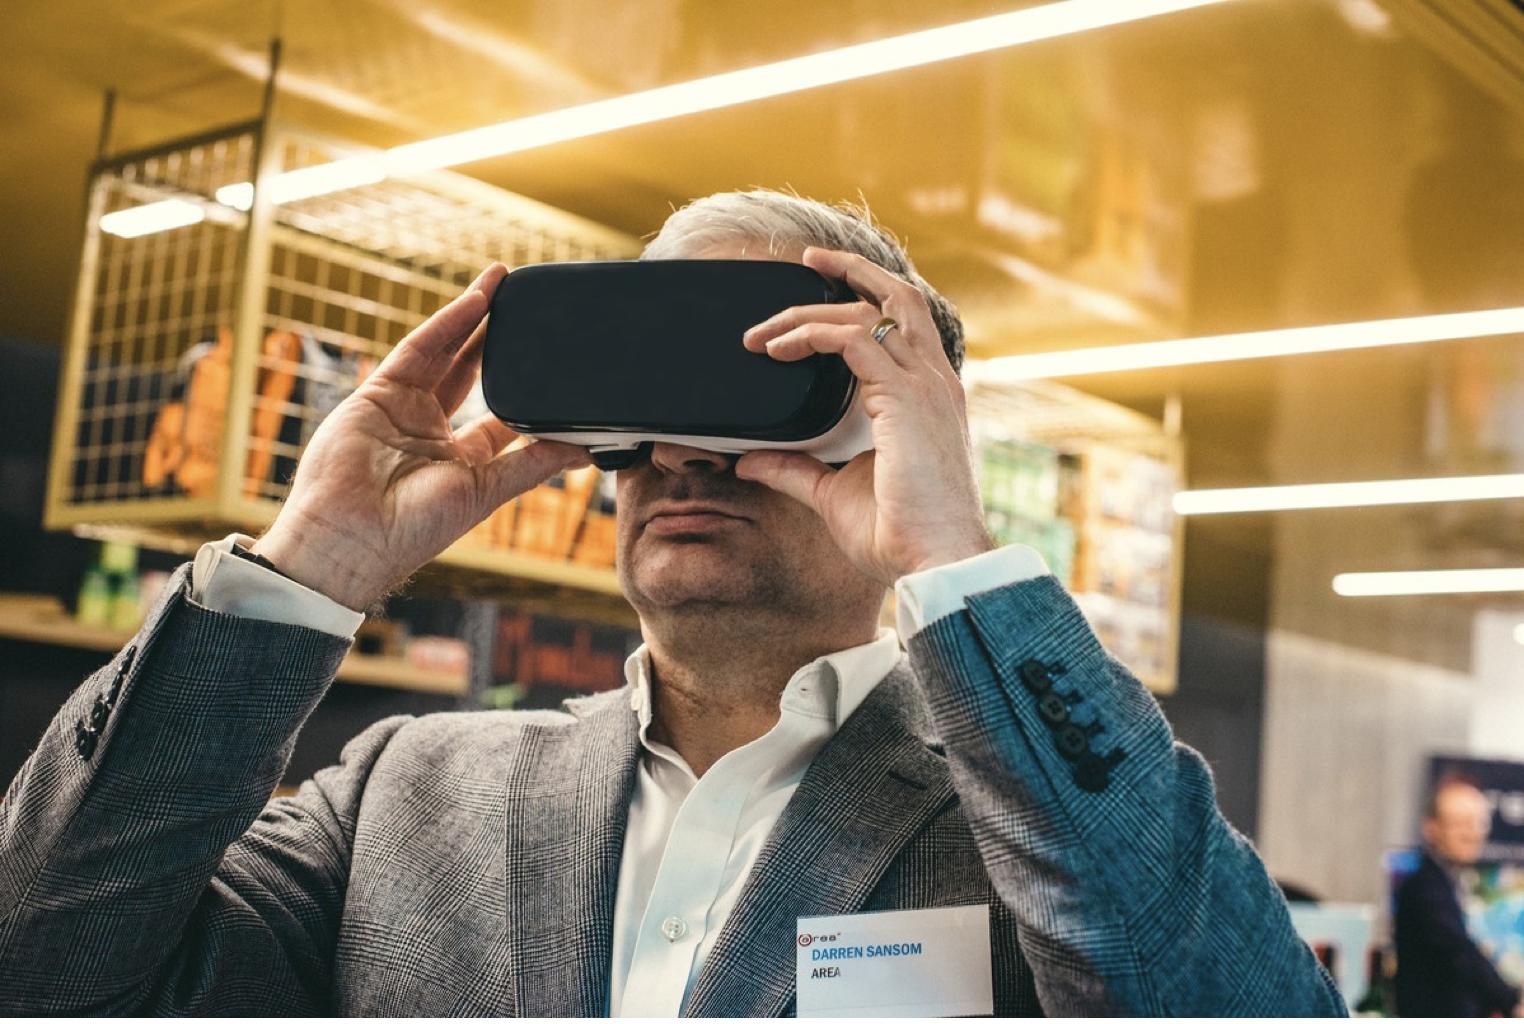 Будущее технологий: AR-VR в проектировании и дизайне - 3